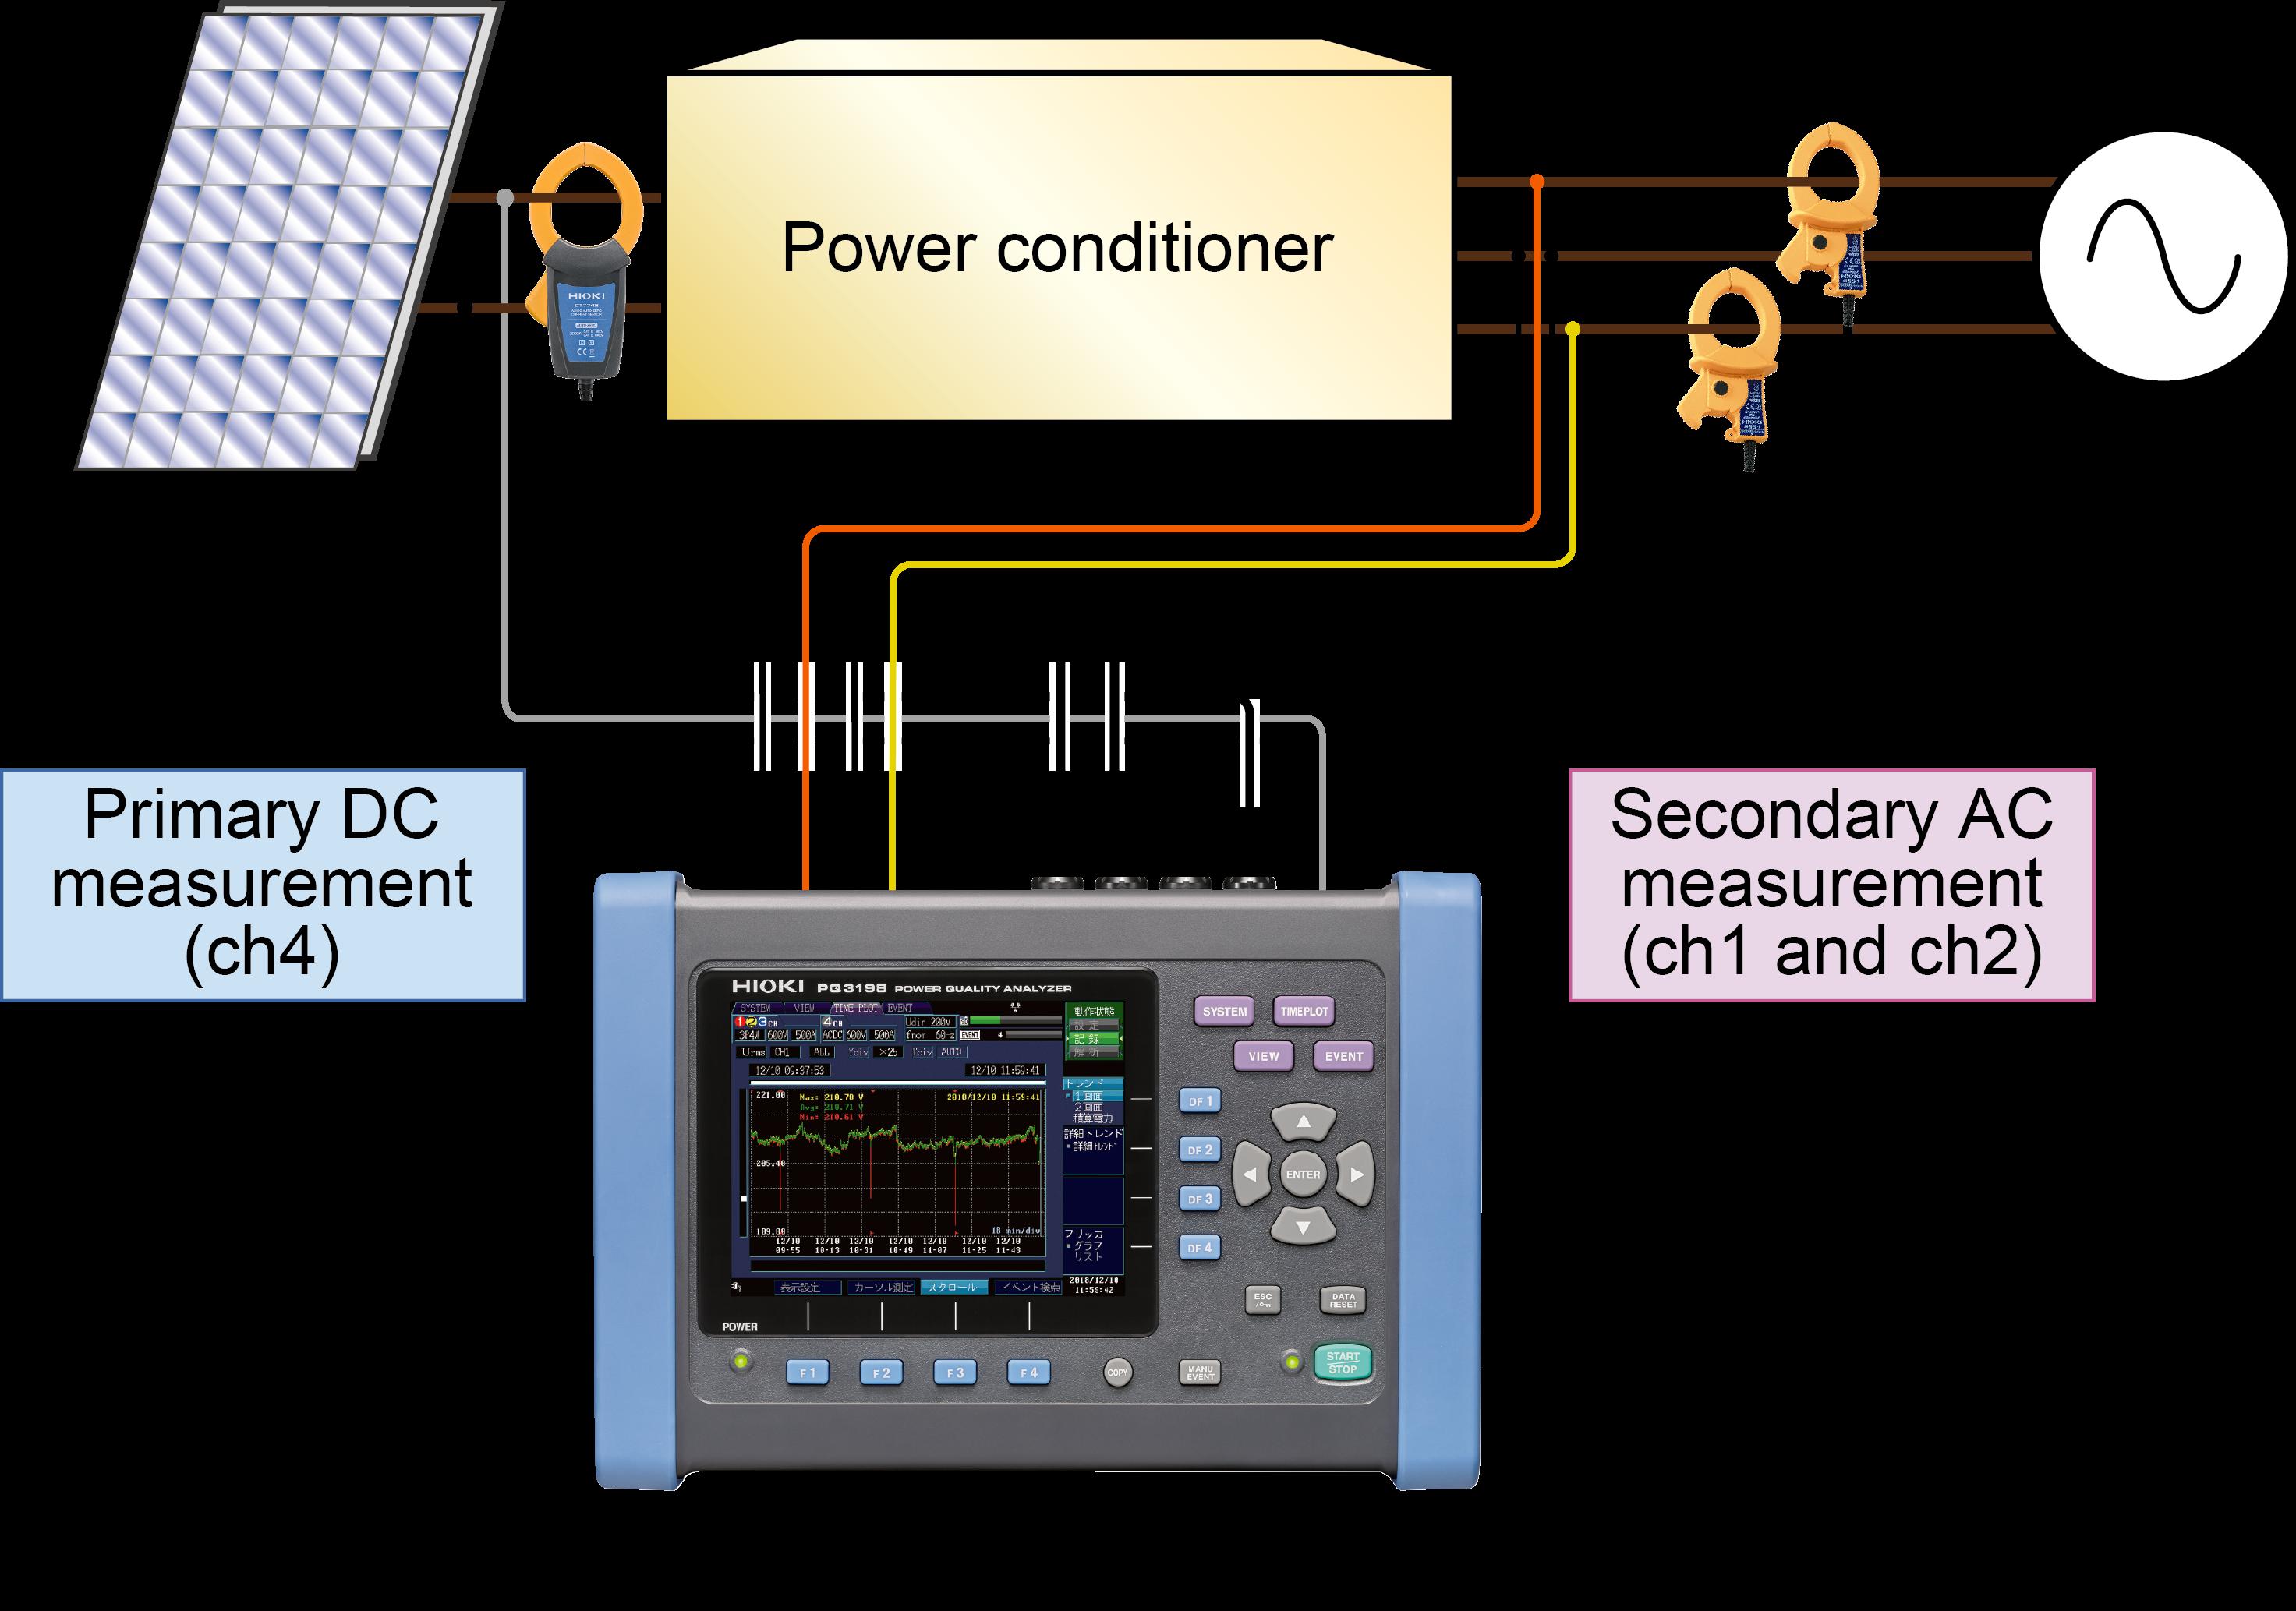 HIOKI ra mắt máy phân tích chất lượng điện năng PQ3198